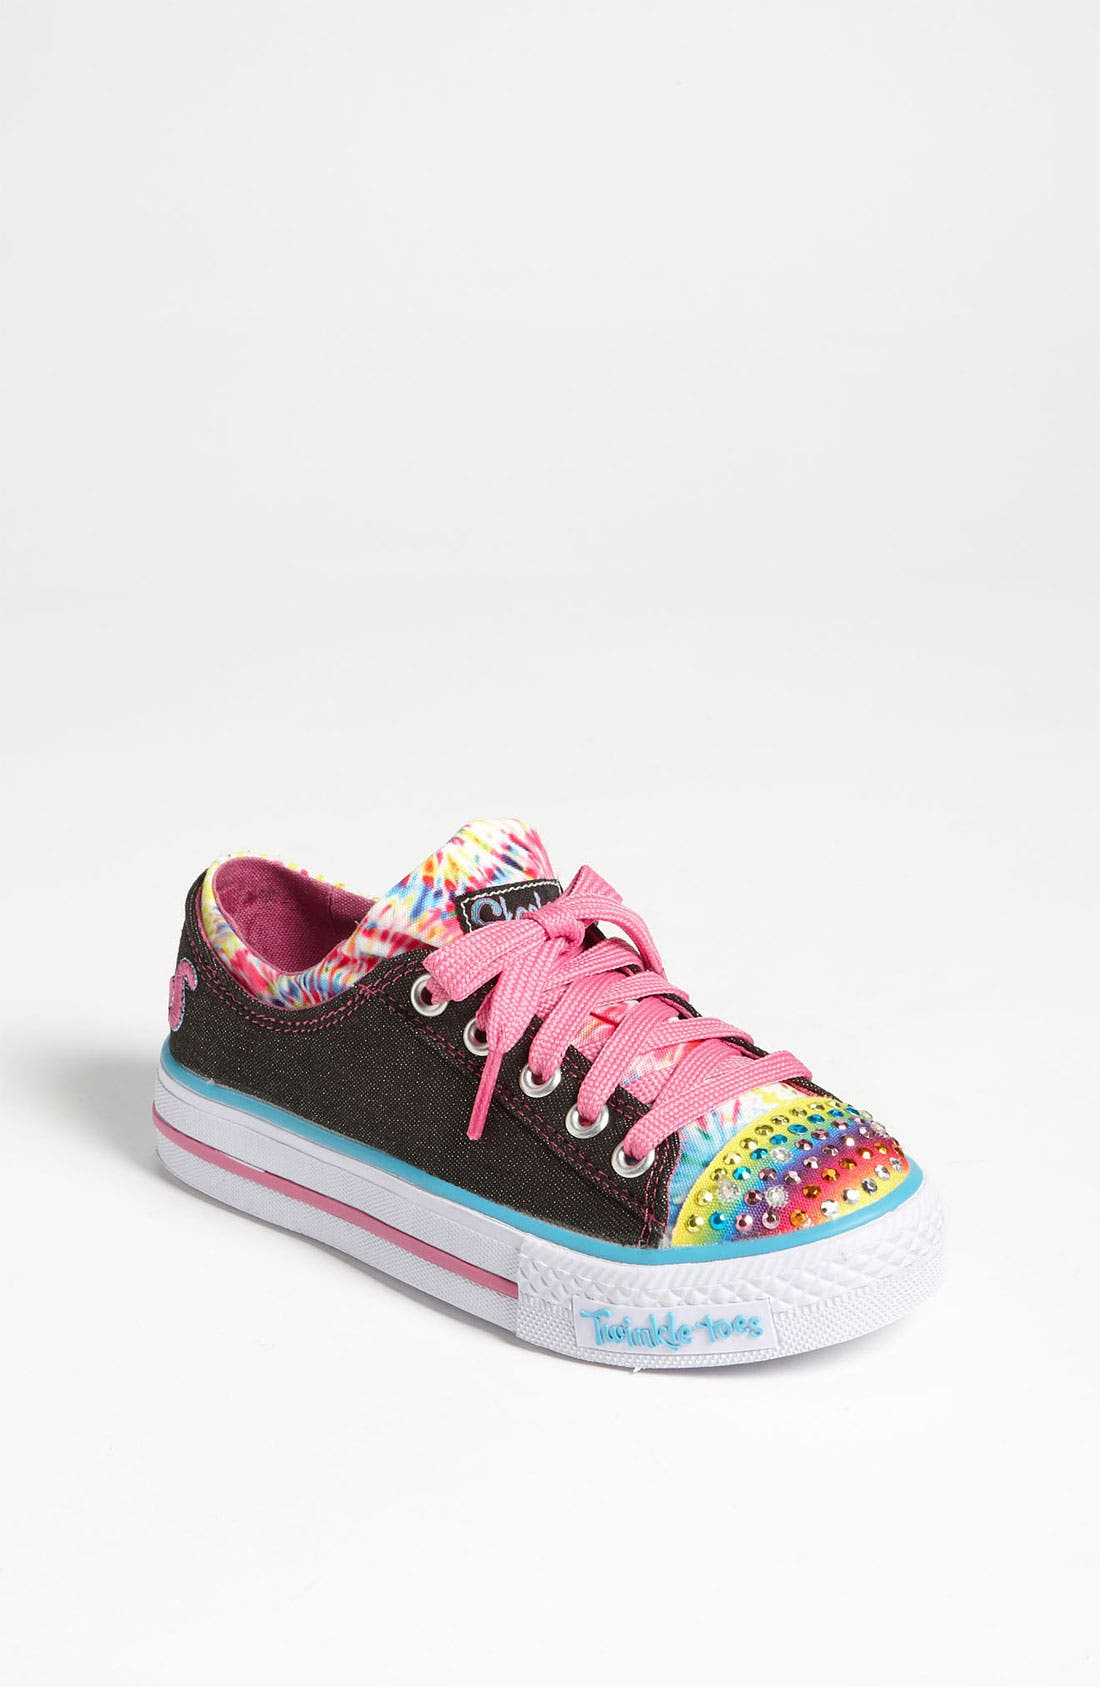 Alternate Image 1 Selected - SKECHERS 'Shuffle Ups - Much Love' Sneaker (Toddler & Little Kid)